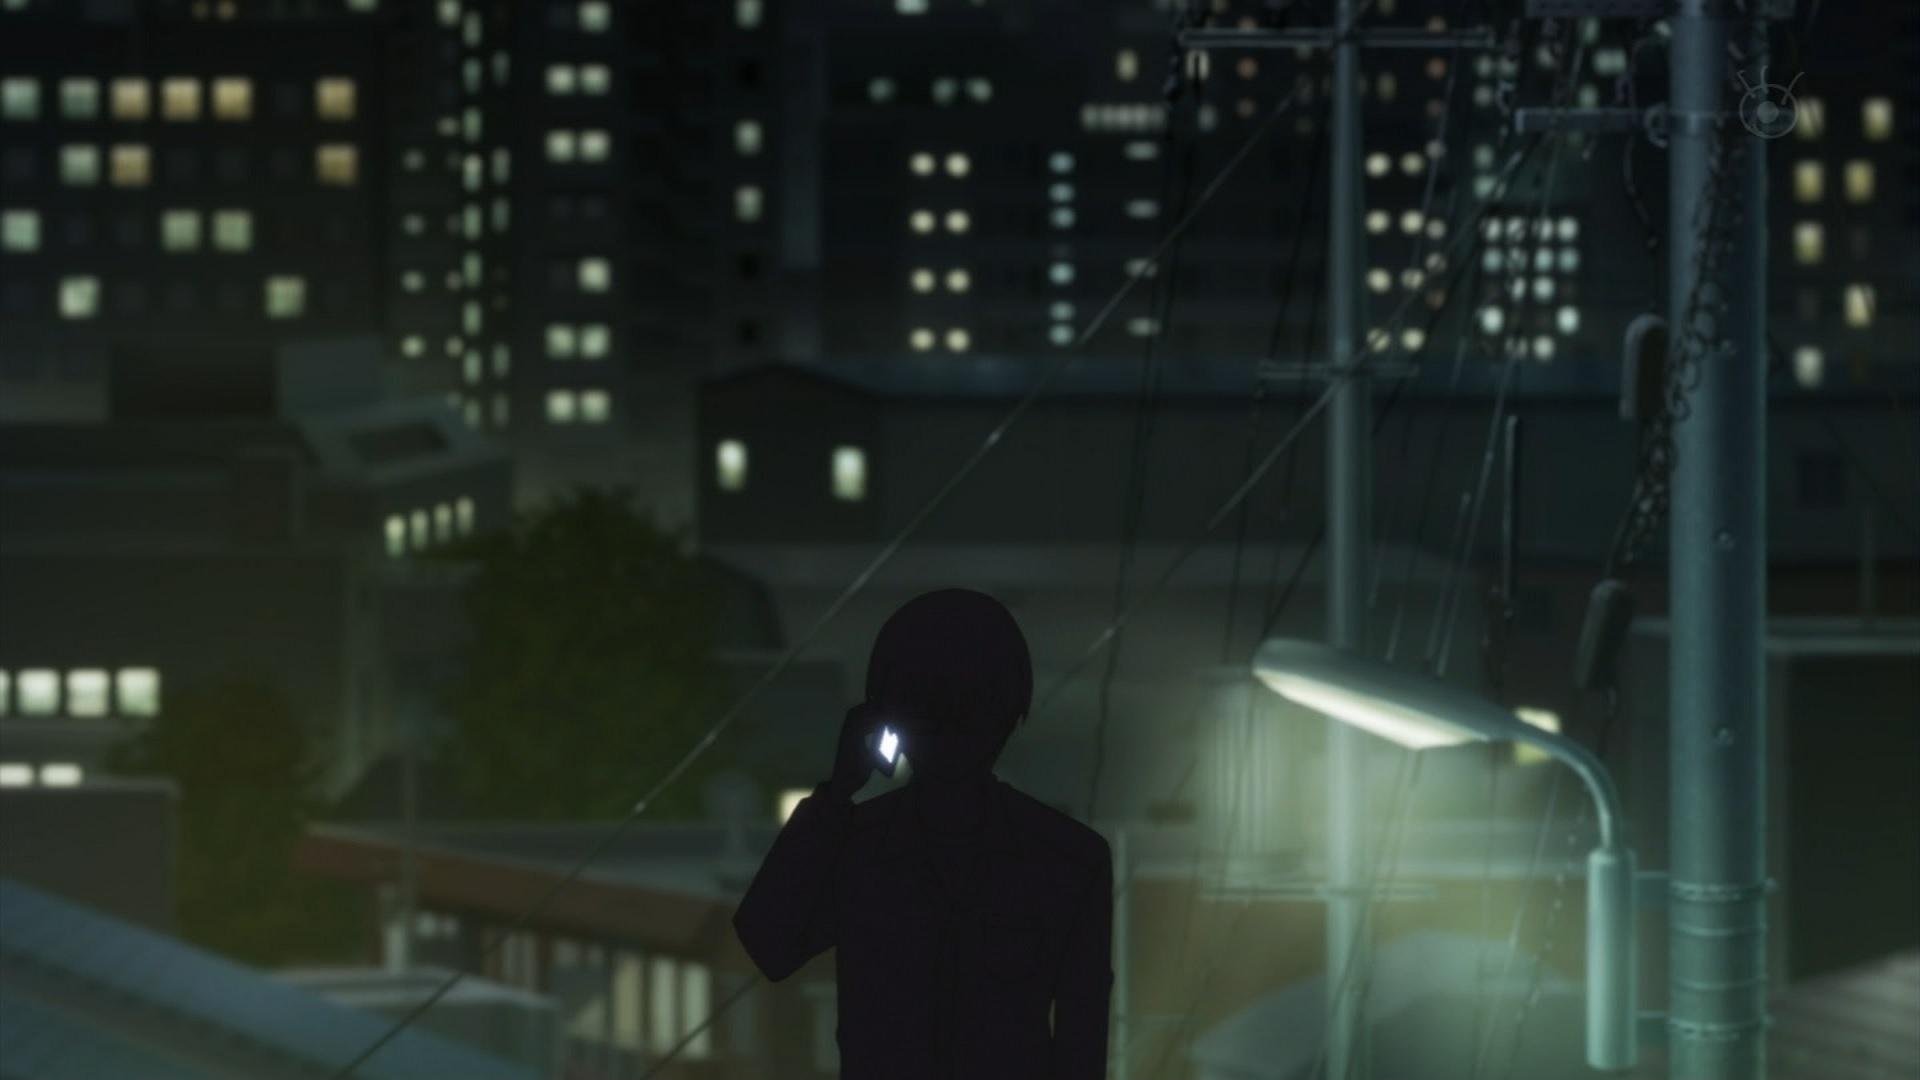 澤村スペンサー英梨々に電話する安芸倫也,冴えない彼女の育てかた9話より